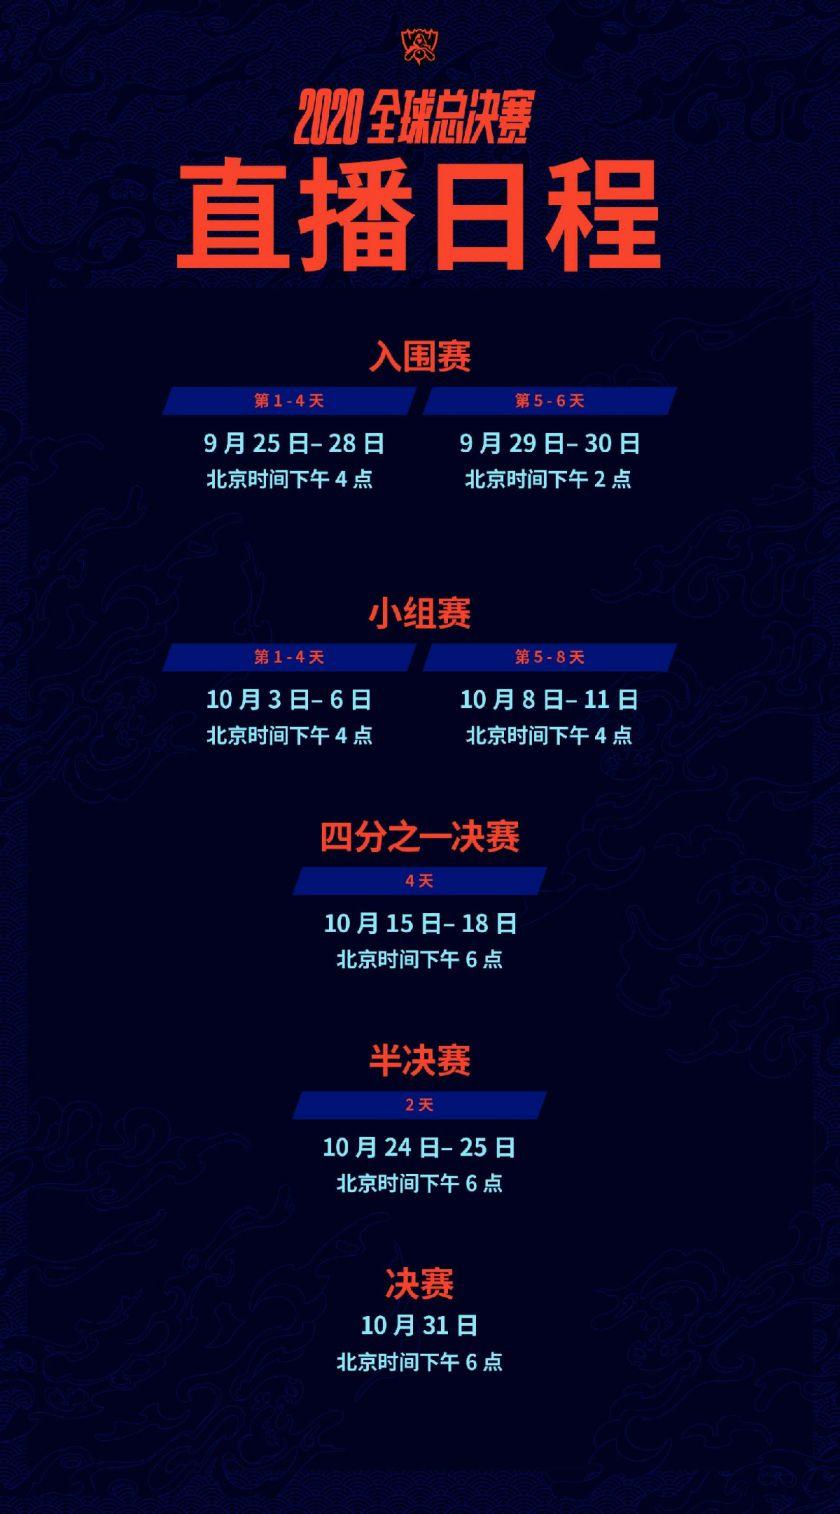 s10直播时间+直播平台+直播日程